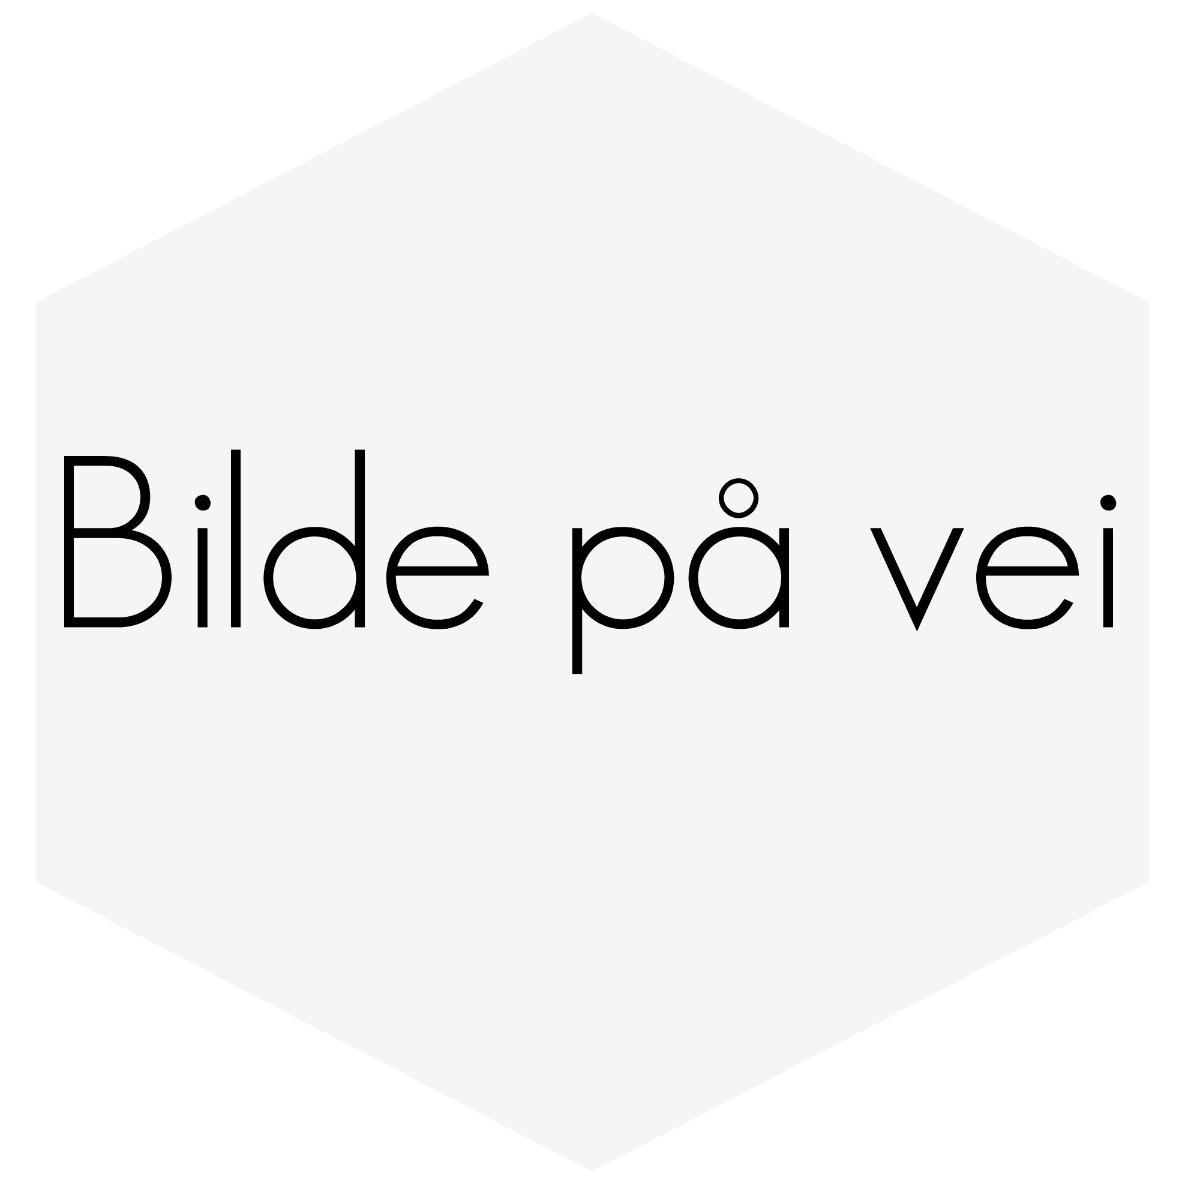 SILIKONSLANGE SVART FLEXIBEL GLATT 0,5'' (13MM)